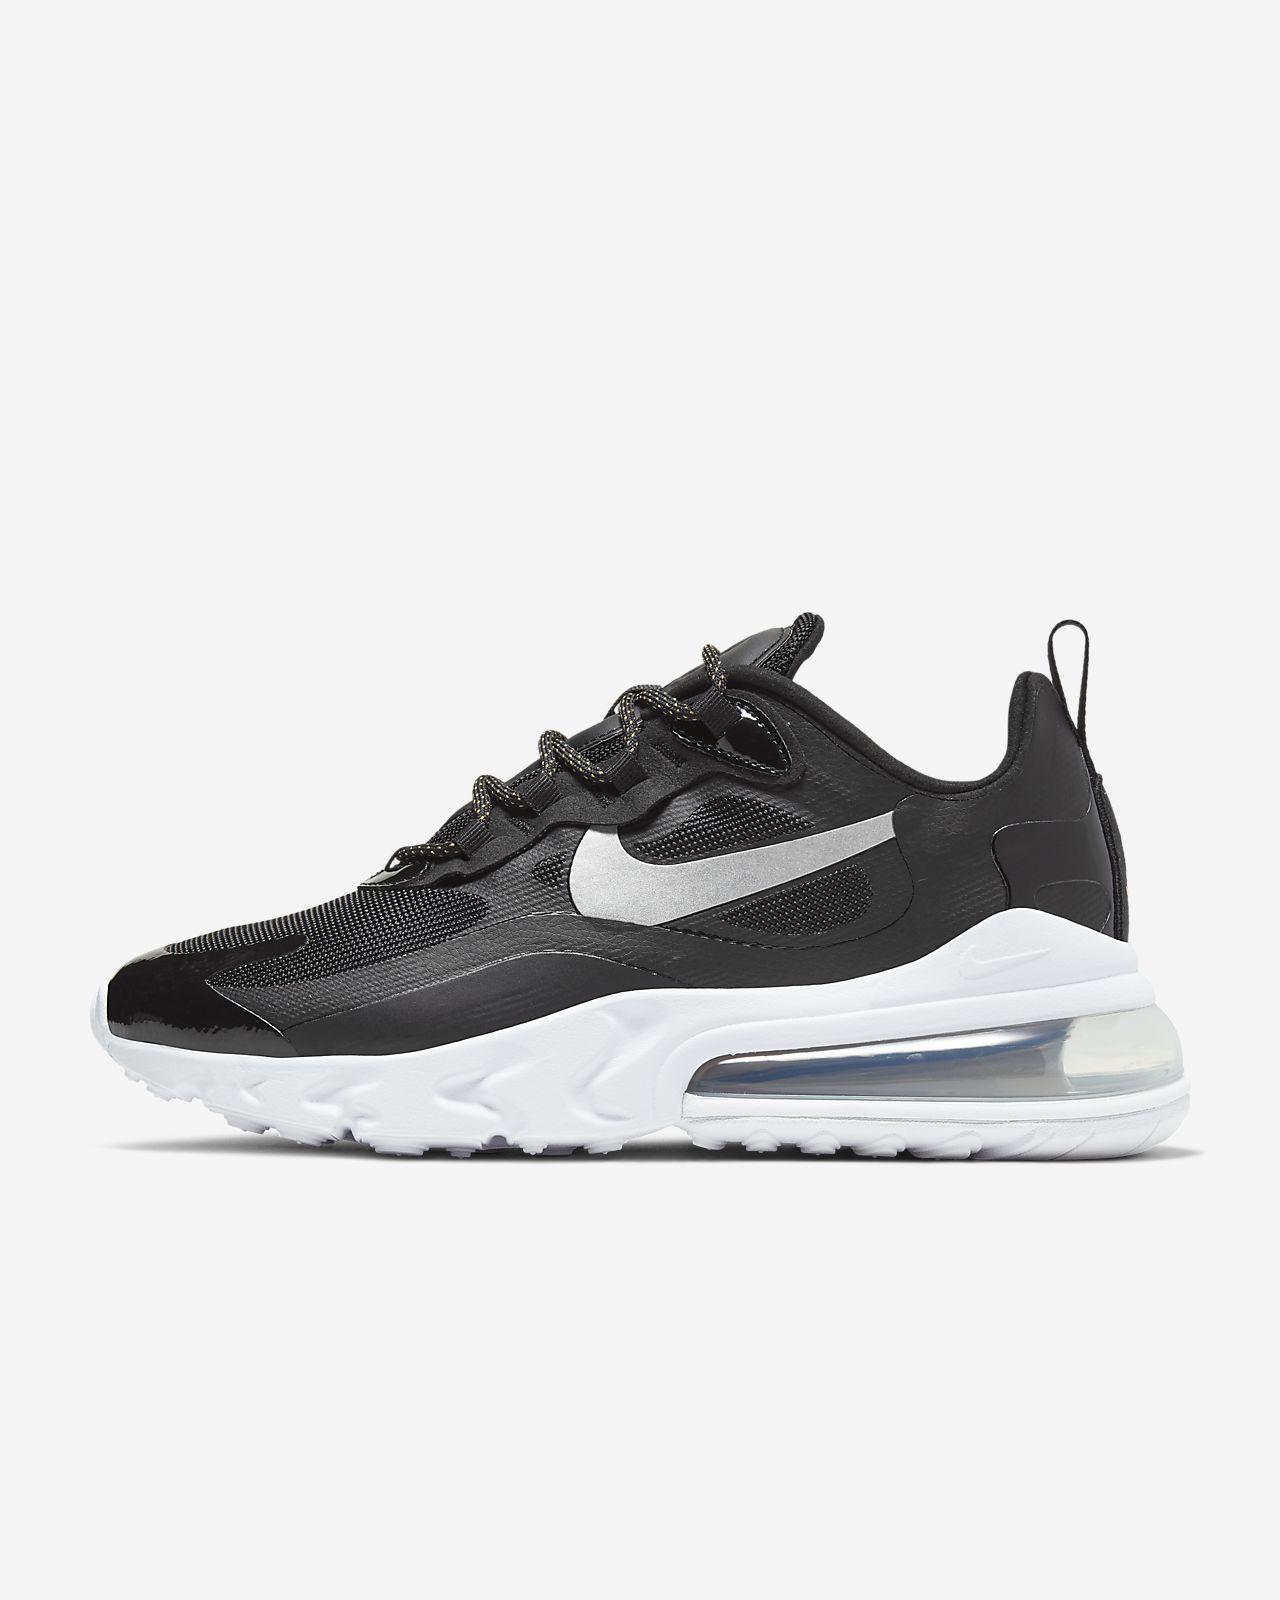 Sko Nike Air Max 270 React för kvinnor